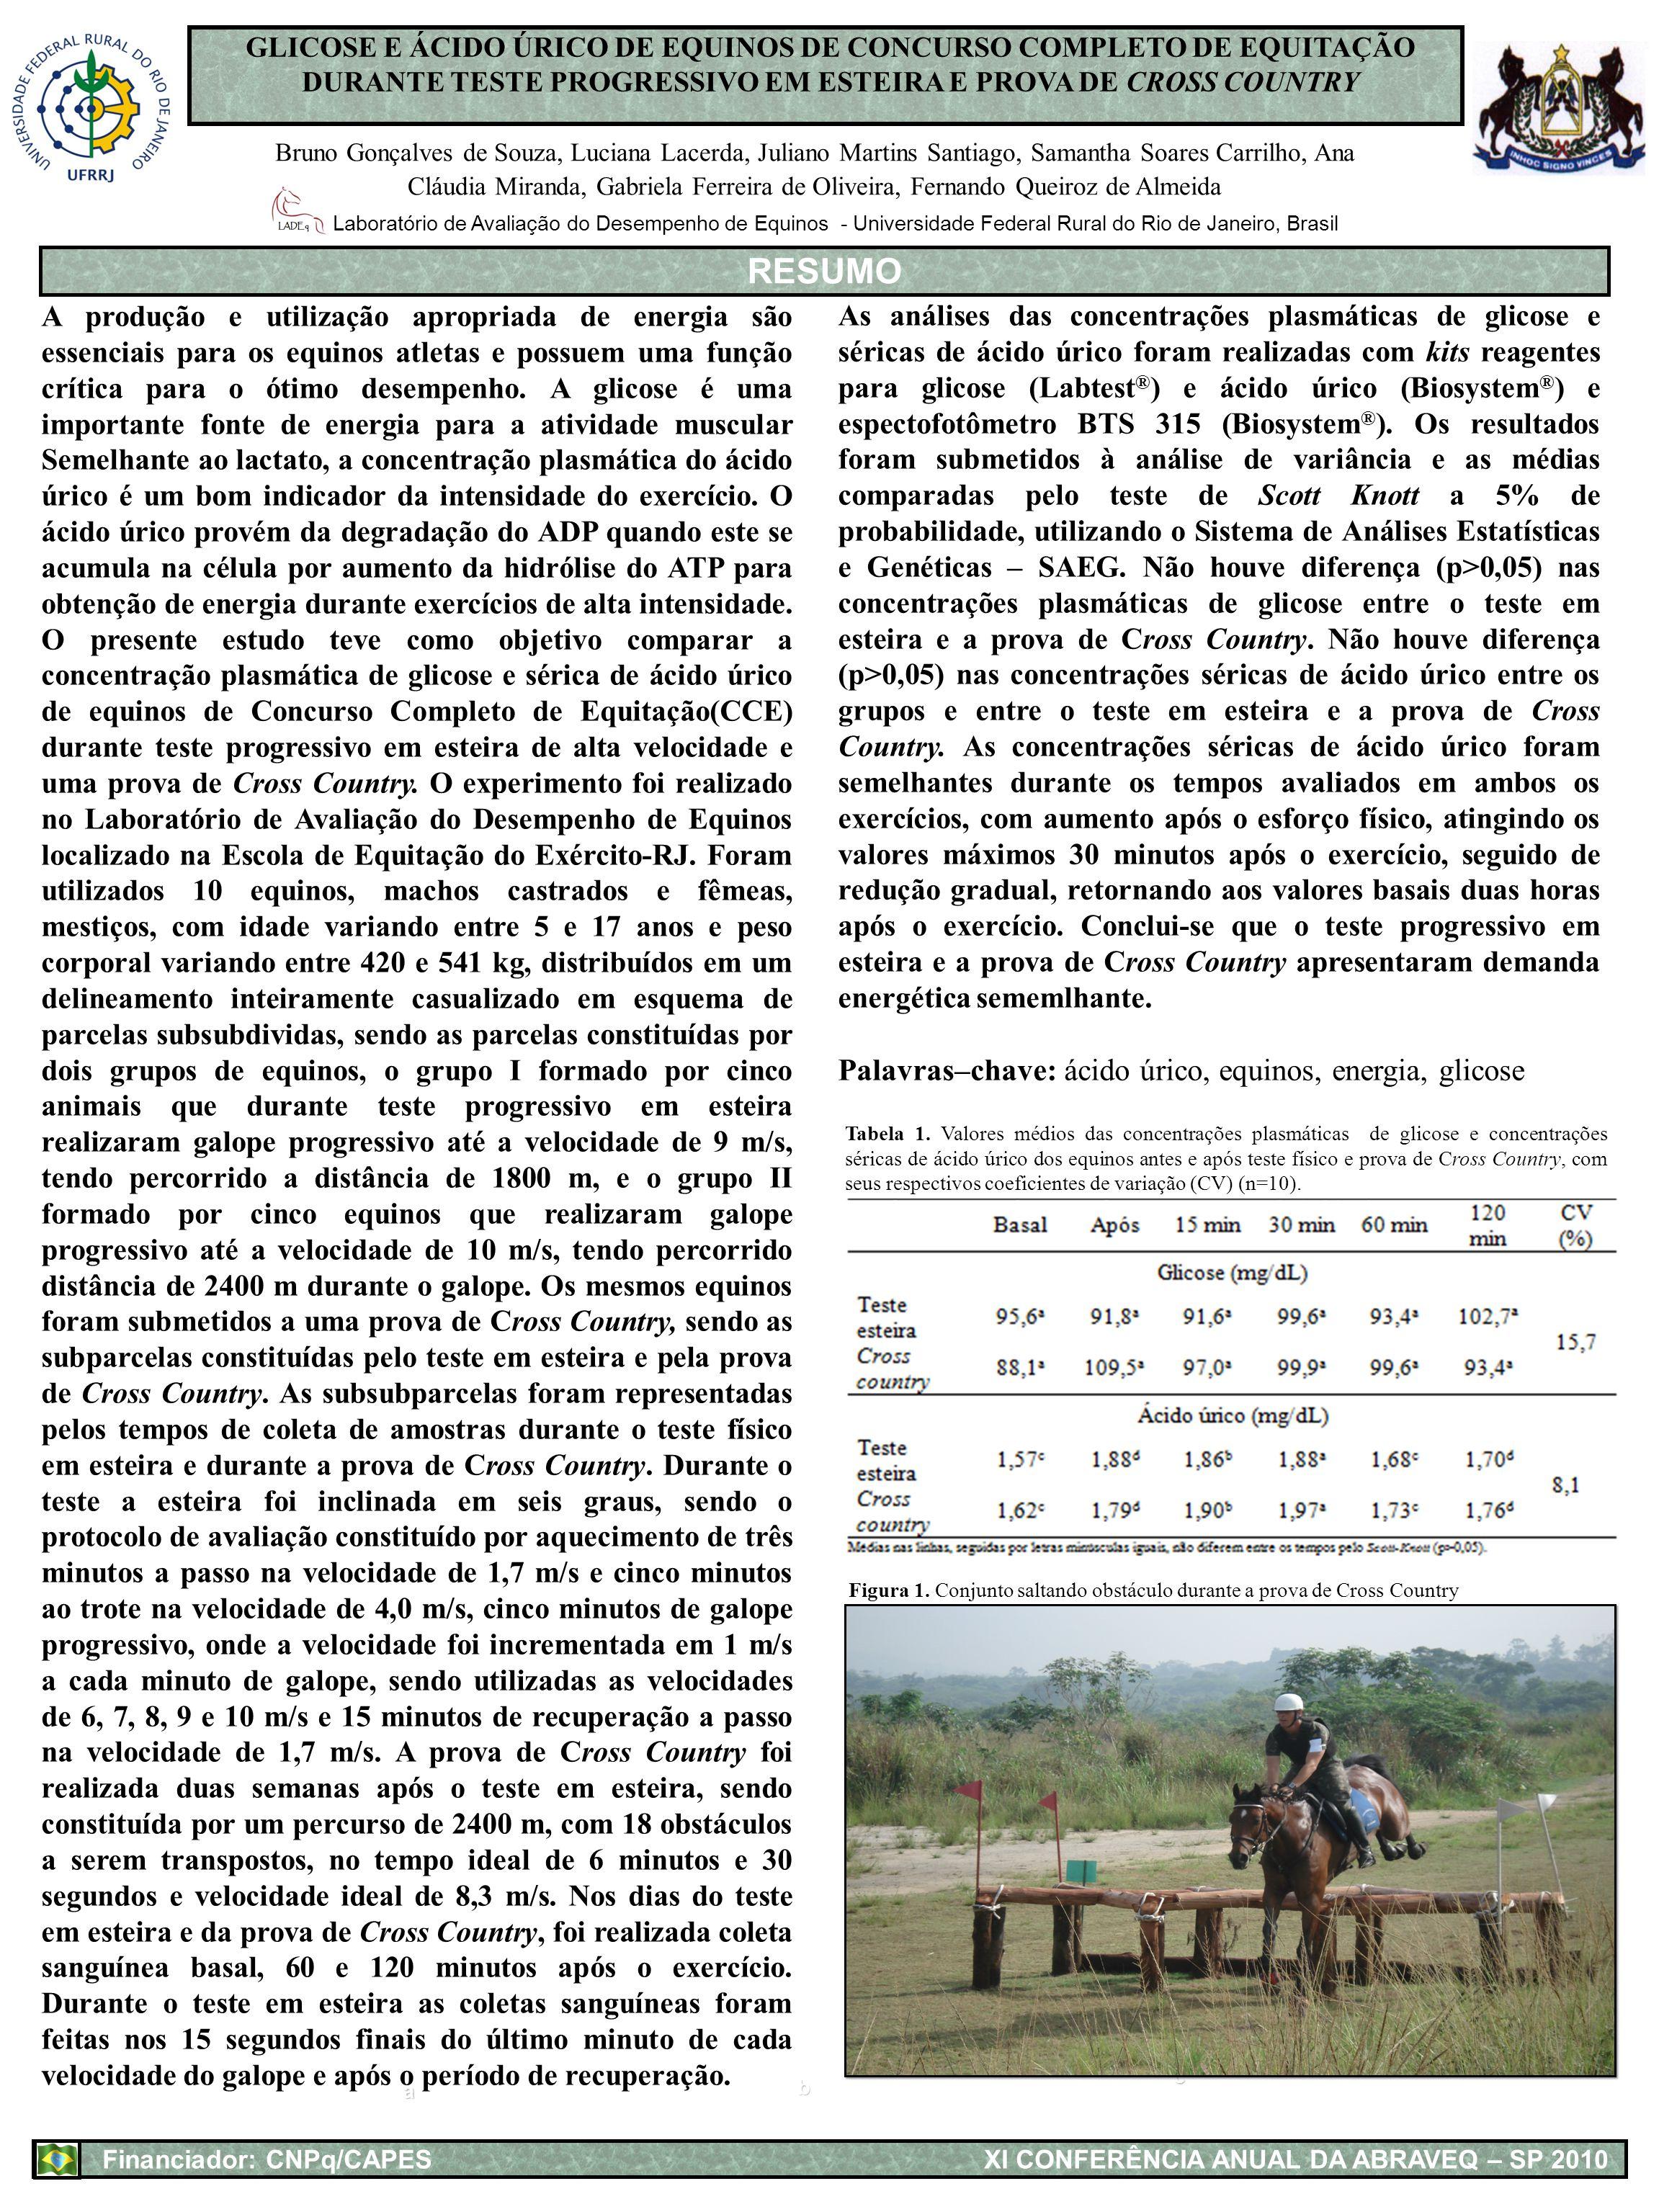 GLICOSE E ÁCIDO ÚRICO DE EQUINOS DE CONCURSO COMPLETO DE EQUITAÇÃO DURANTE TESTE PROGRESSIVO EM ESTEIRA E PROVA DE CROSS COUNTRY Bruno Gonçalves de So